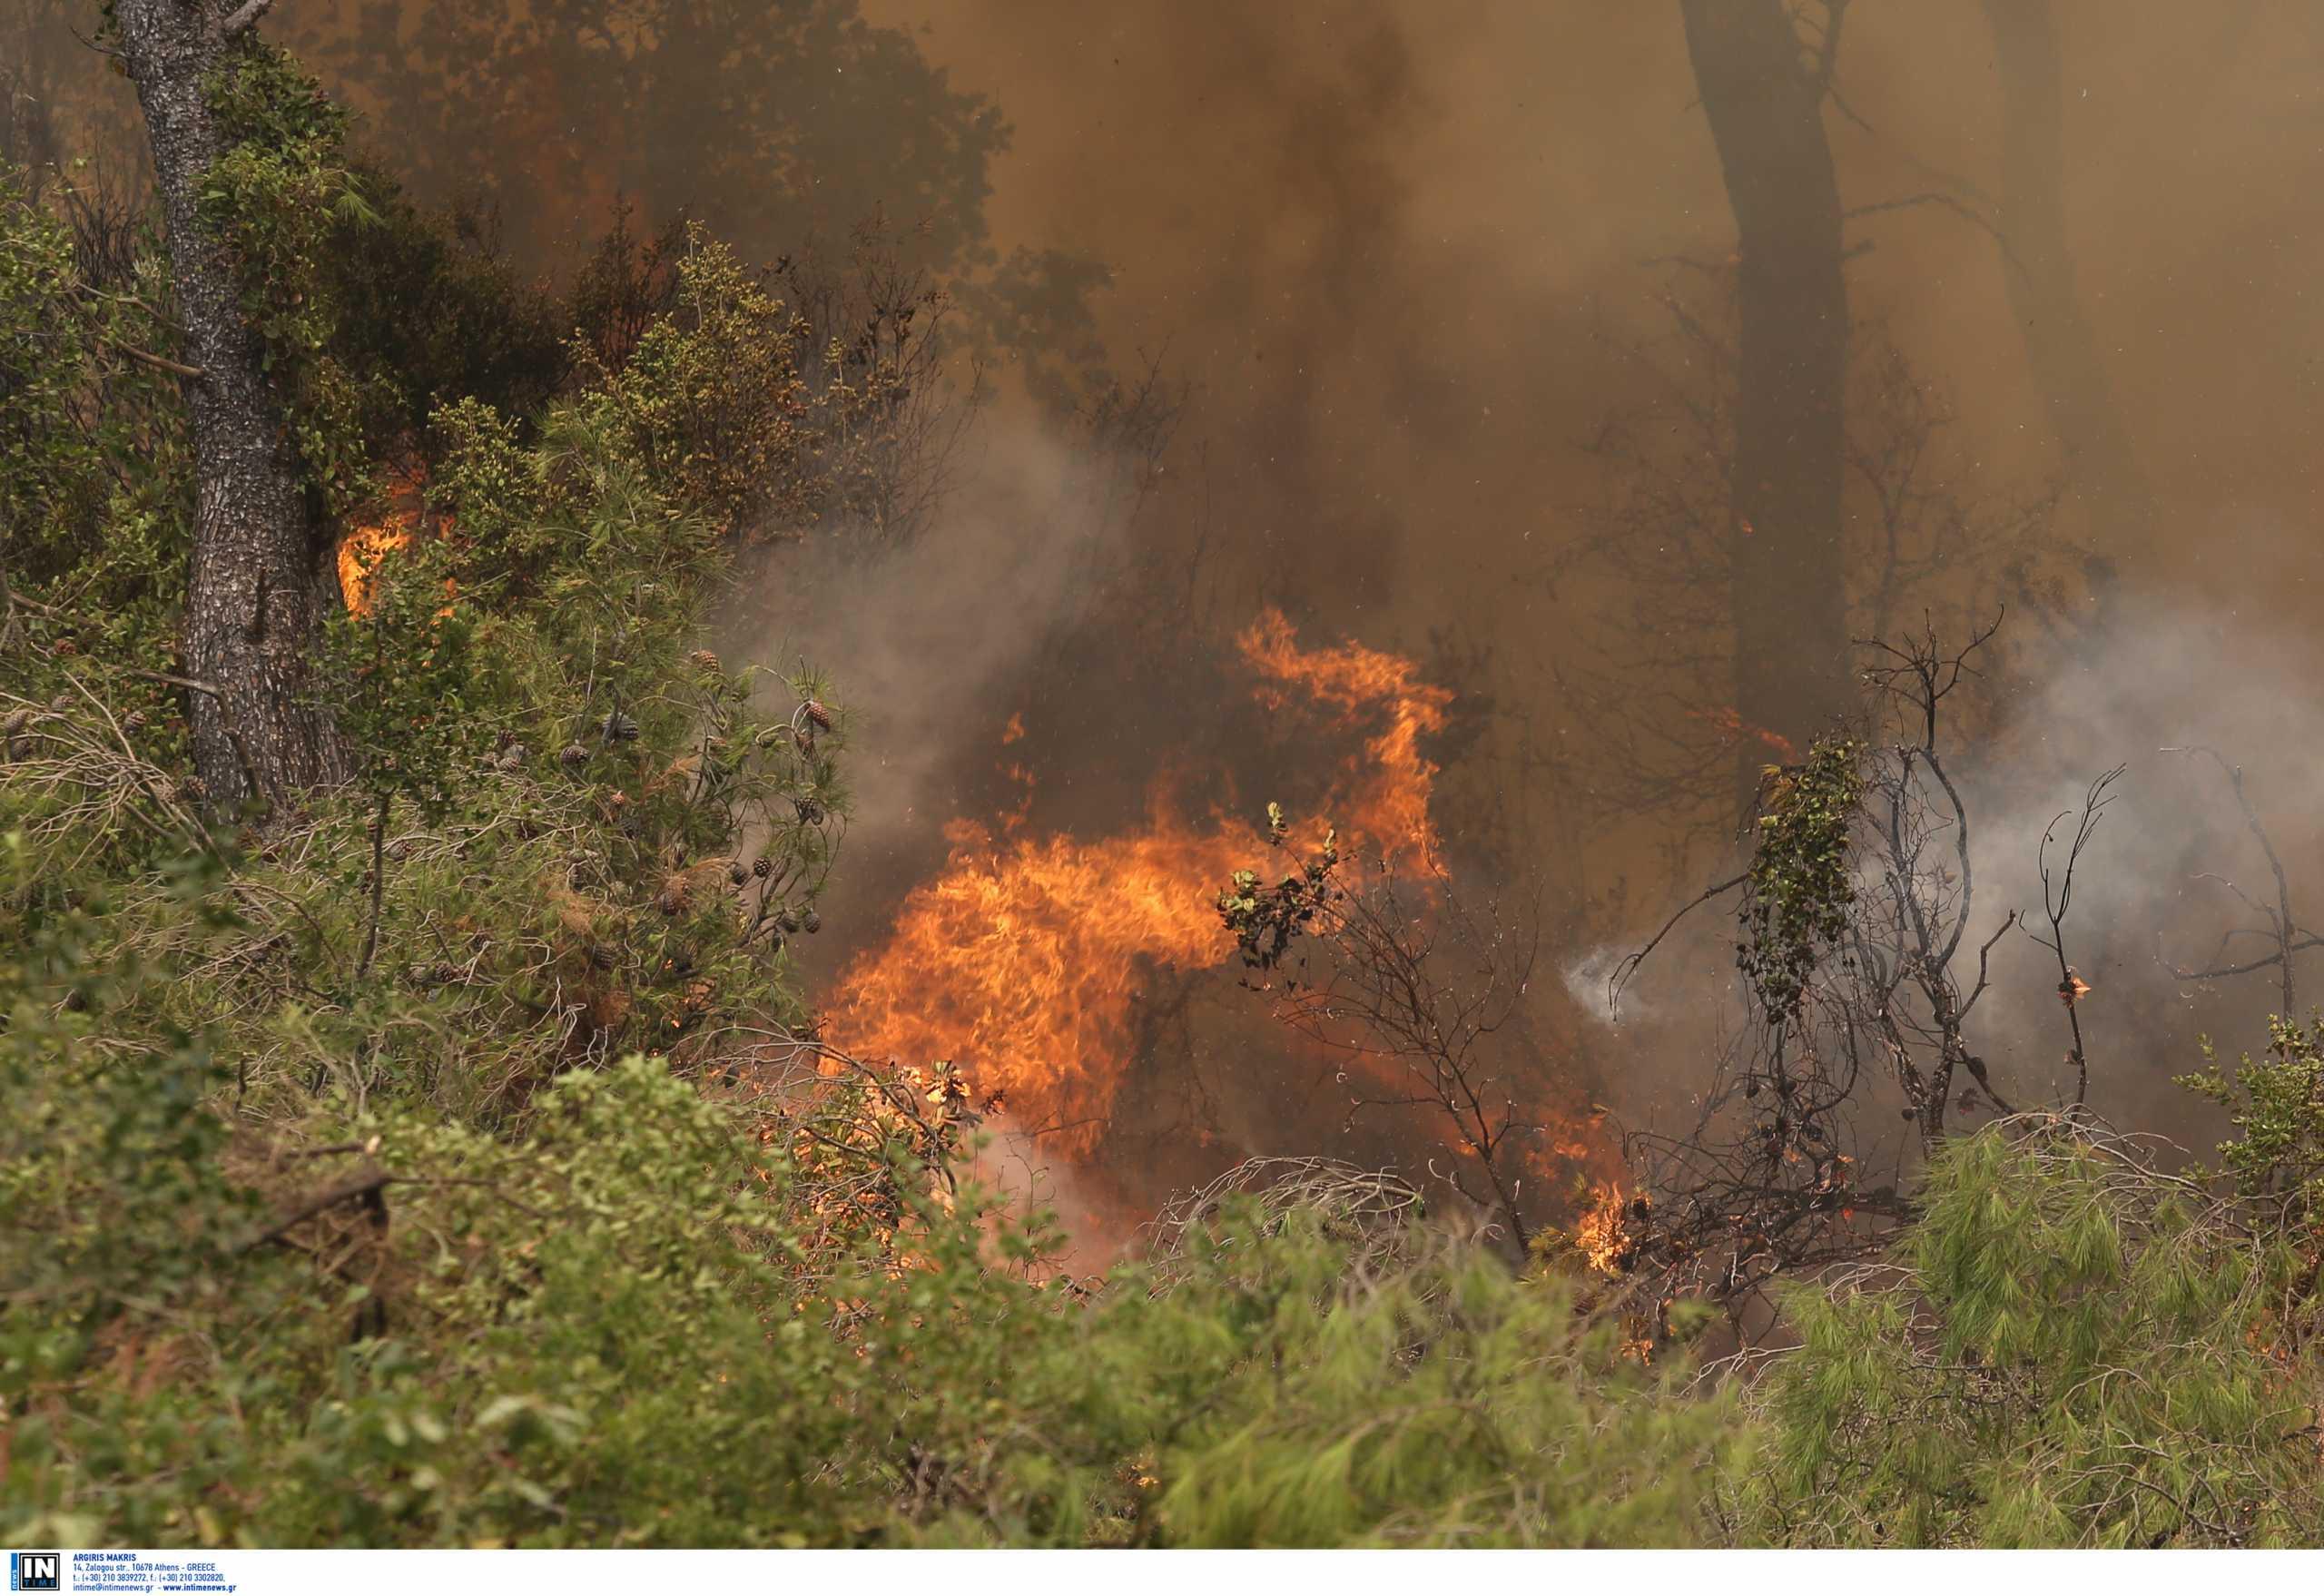 Αλέξης Τσίπρας για φωτιές στην Εύβοια: Ως πότε θα συνεχίζεται αυτό το δράμα;